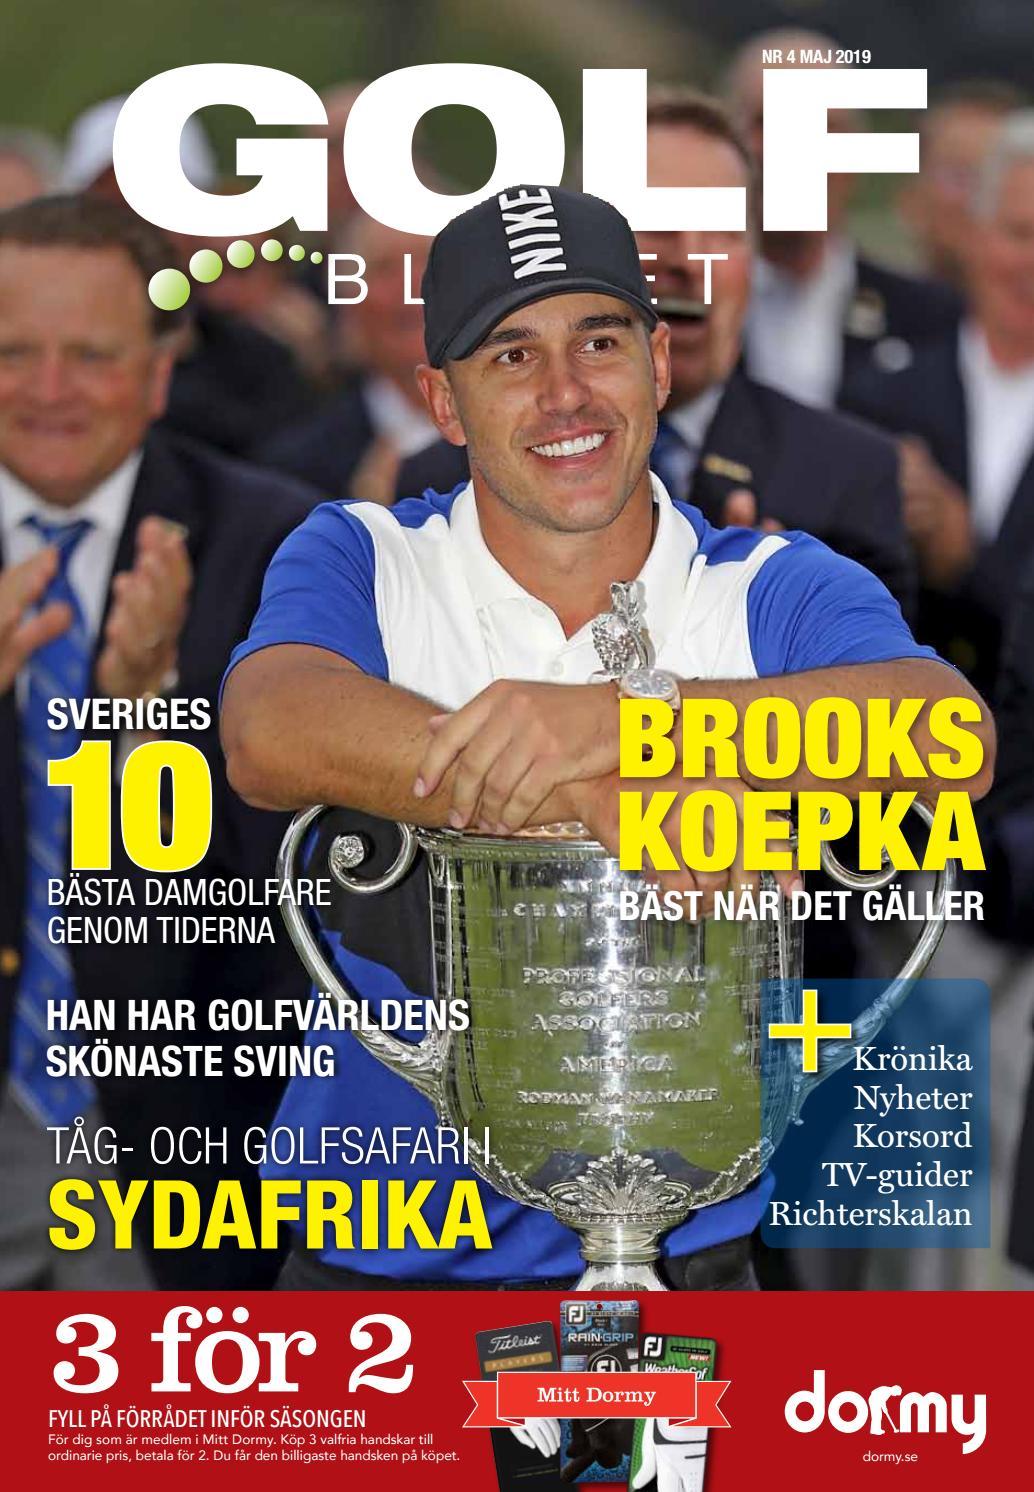 Golfbladet 2019/4 by Fredrik Richter - issuu